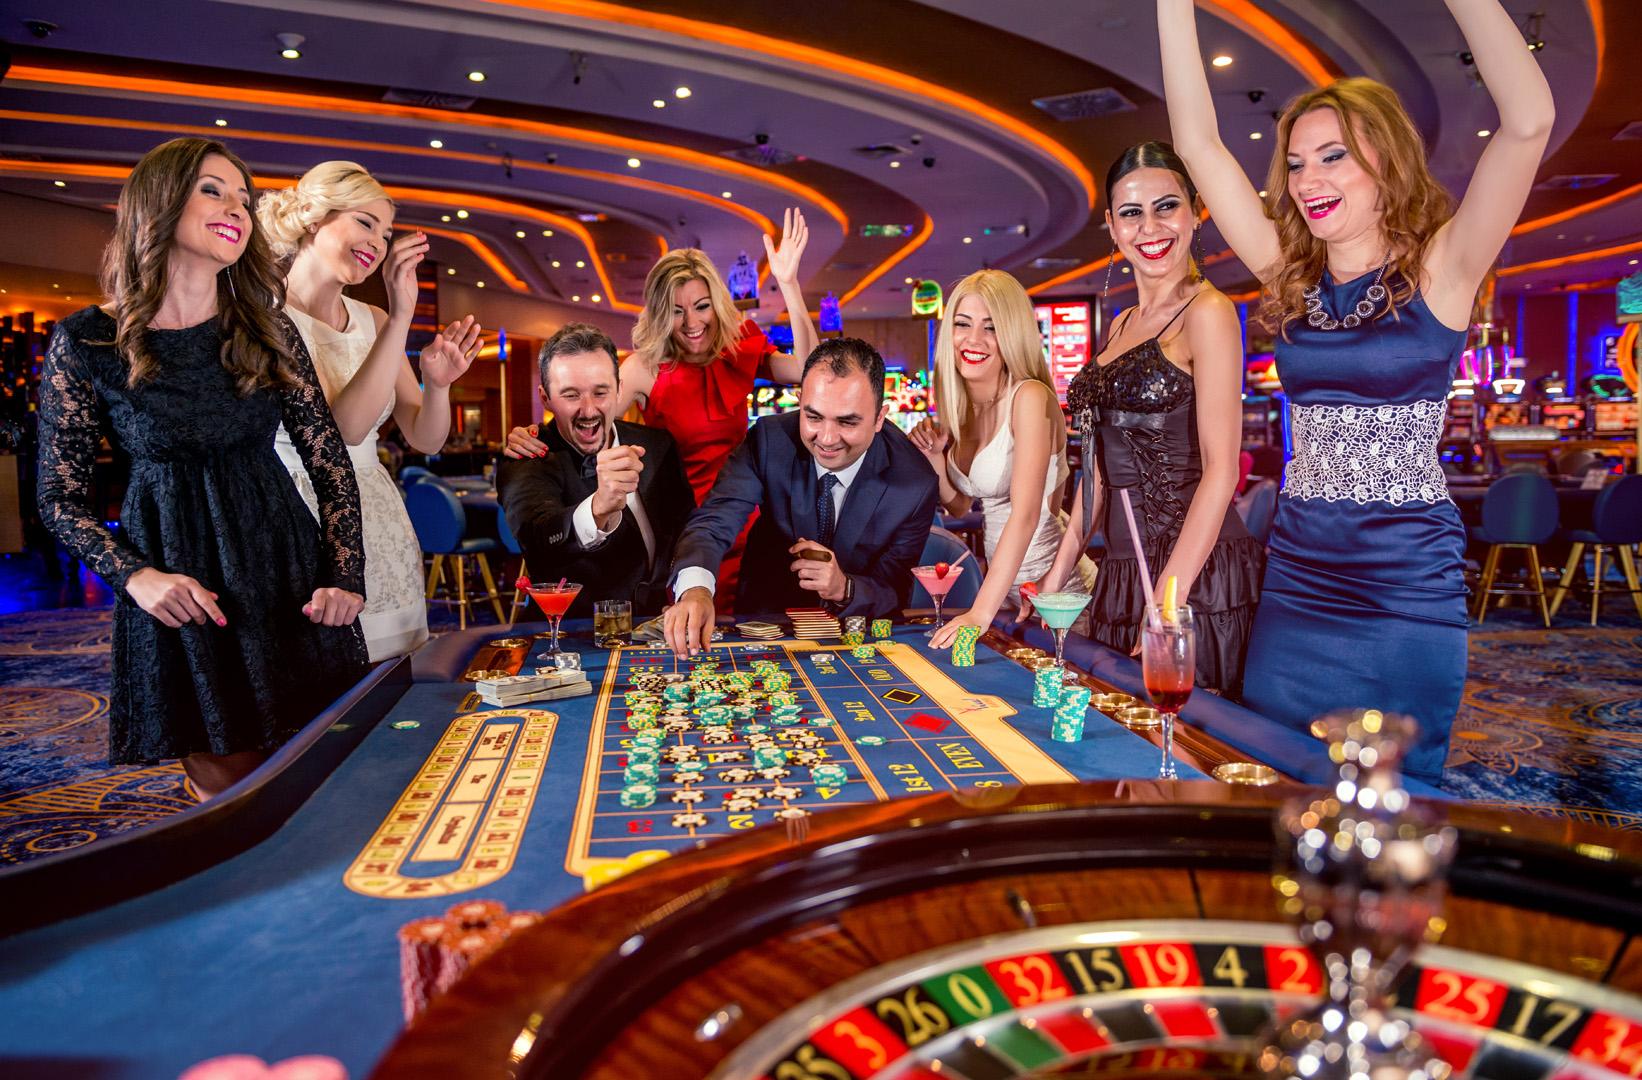 Онлайн-казино: как оно работает и в чем его минусы